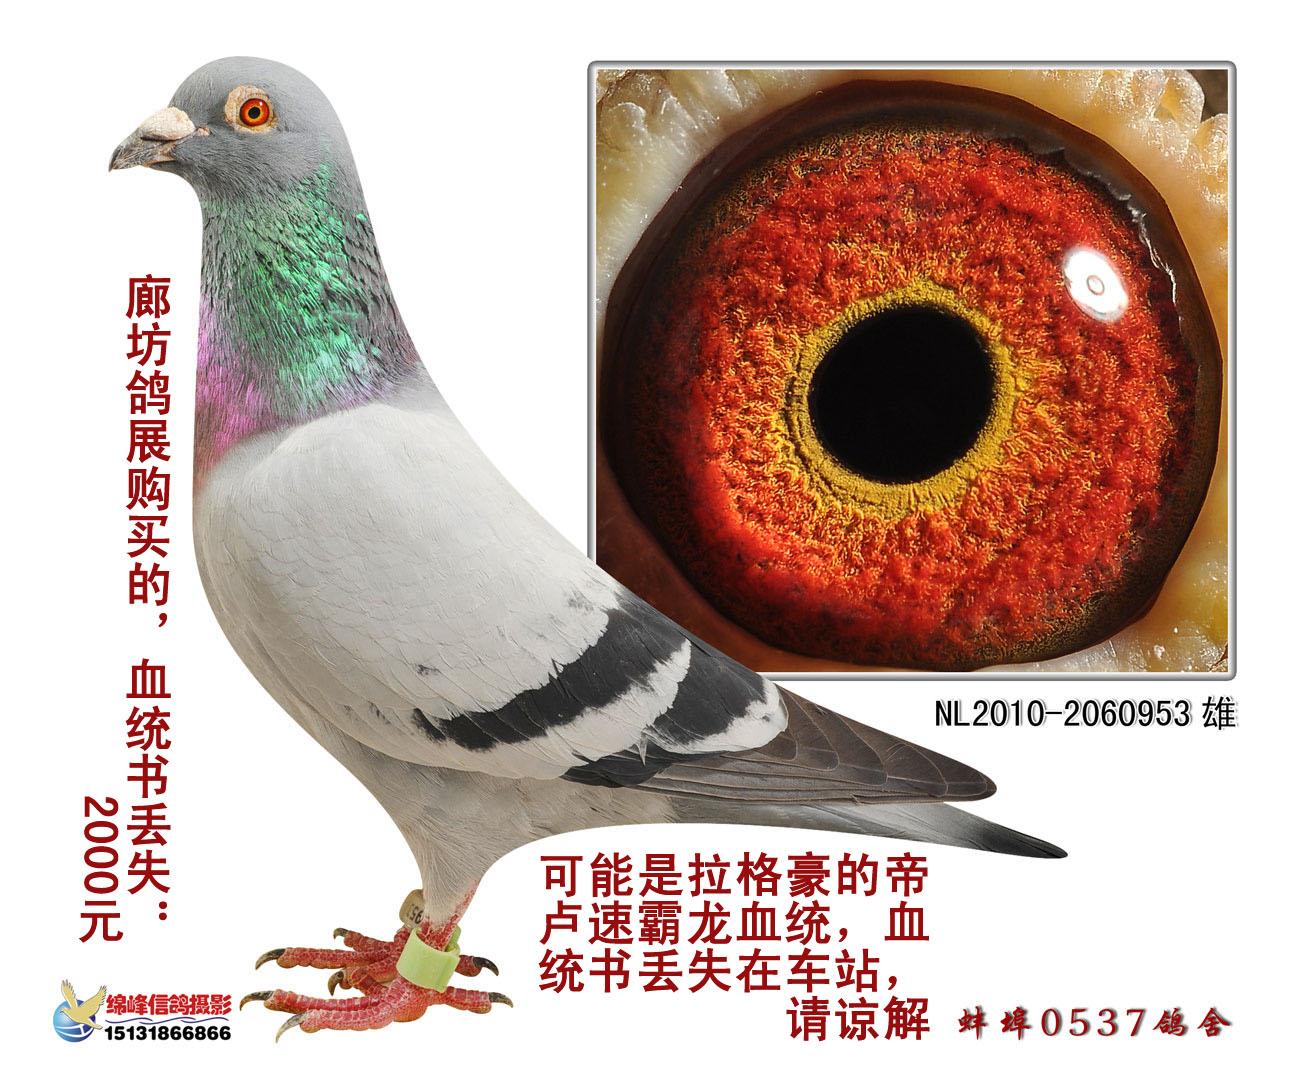 外国木制鸽舍图片大全